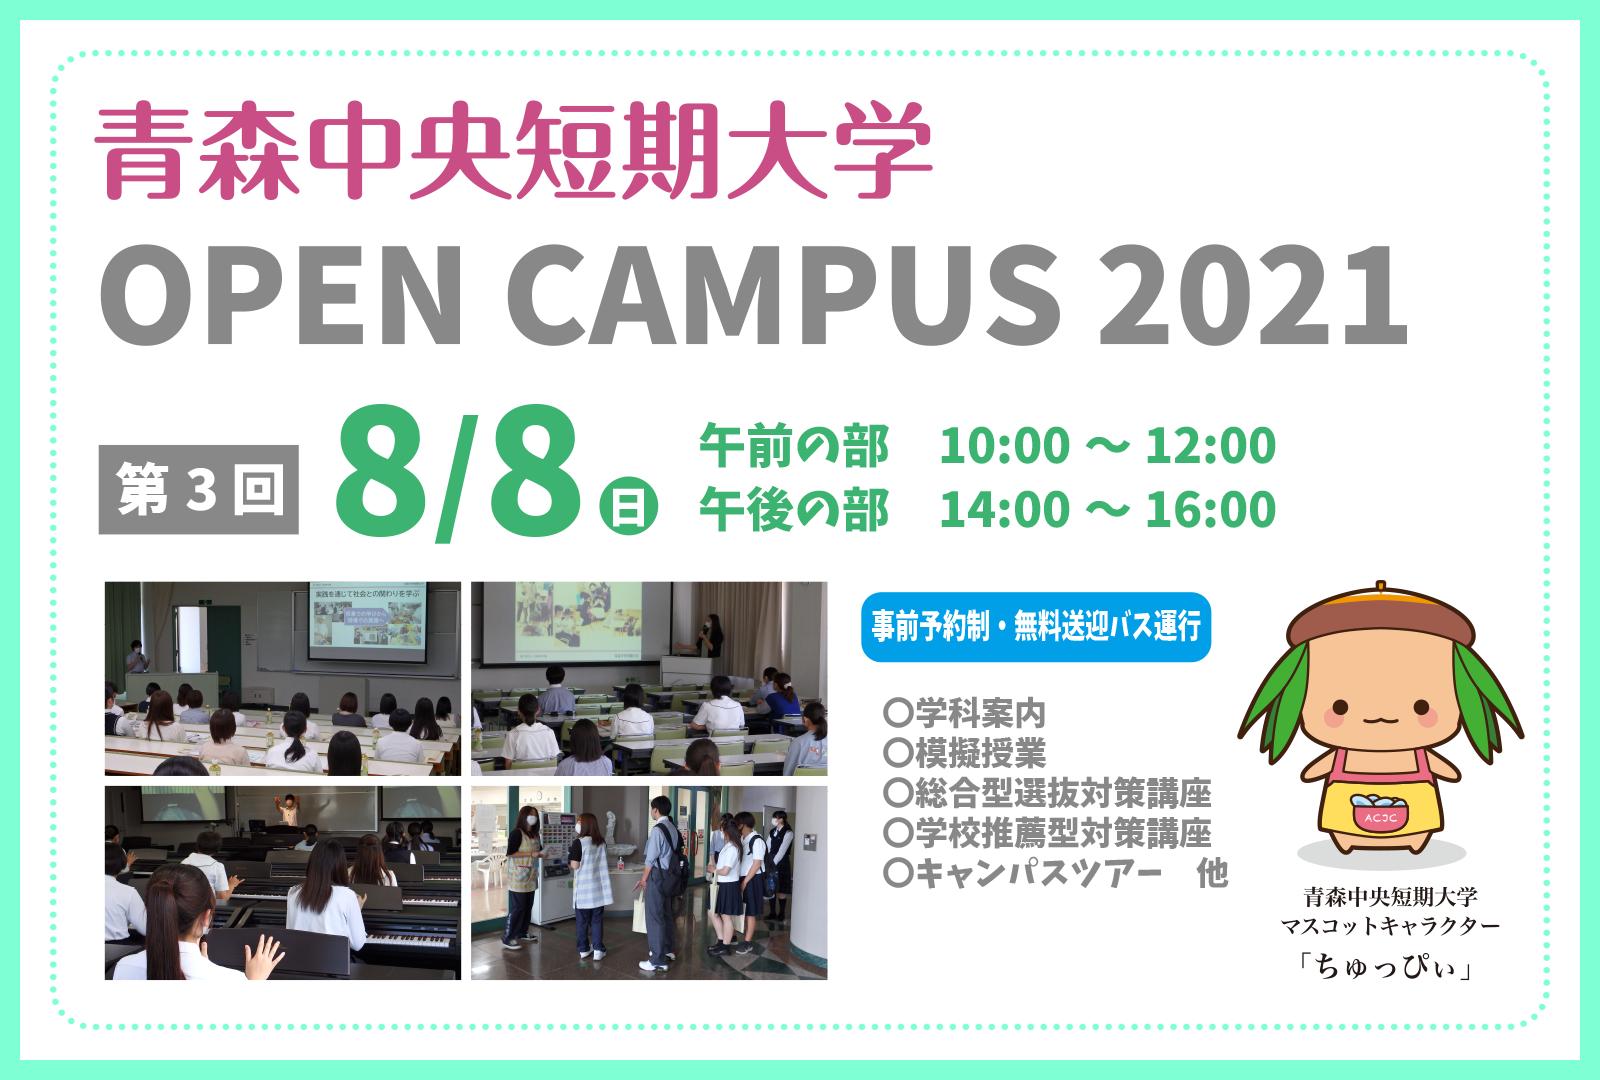 2021年度 第3回オープンキャンパス(8/8)開催について